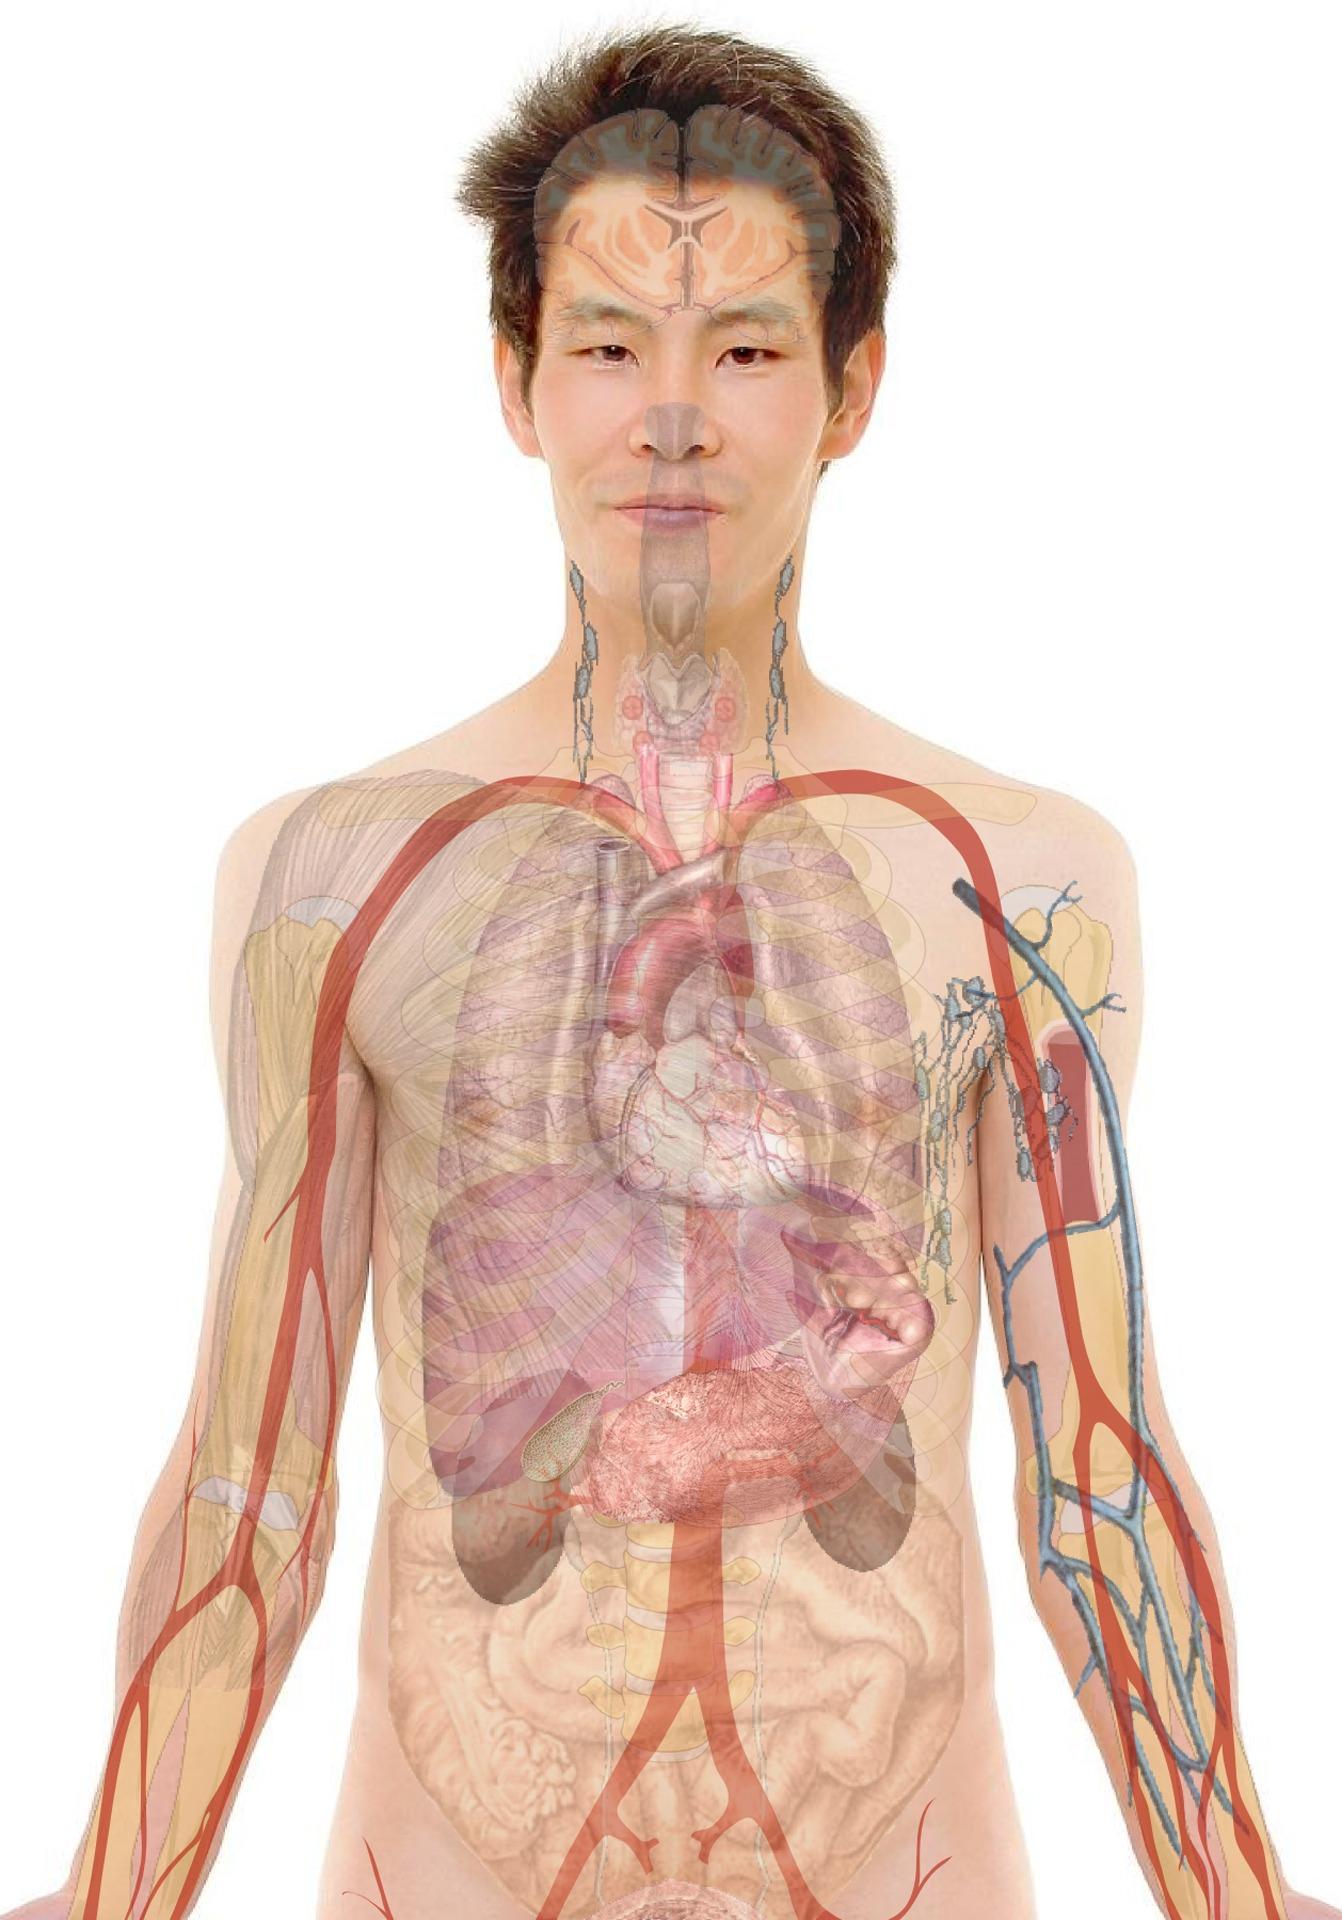 helmint diagnózis